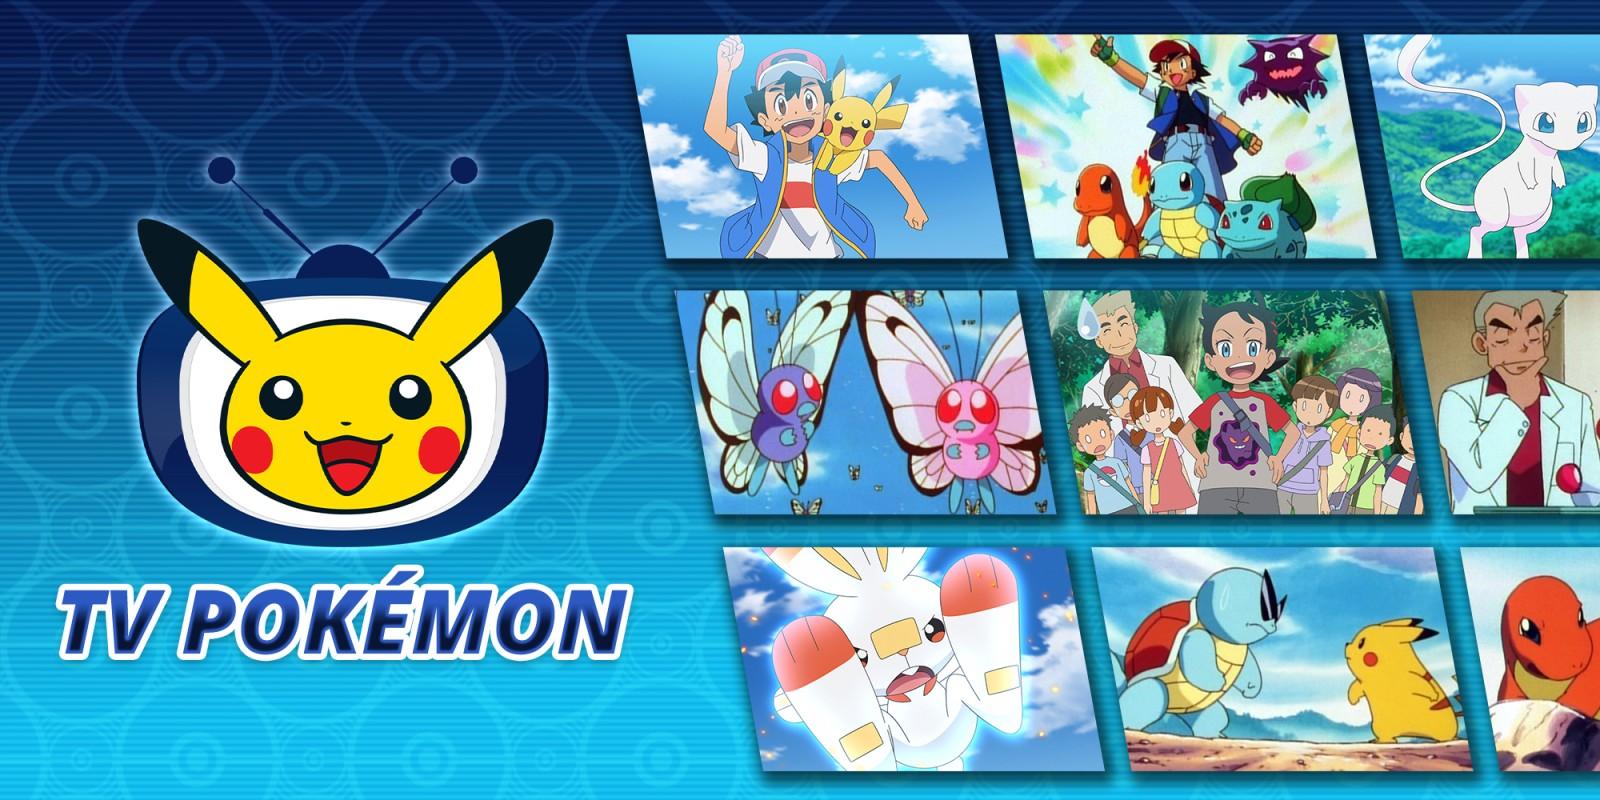 TV Pokémon Nintendo Switch